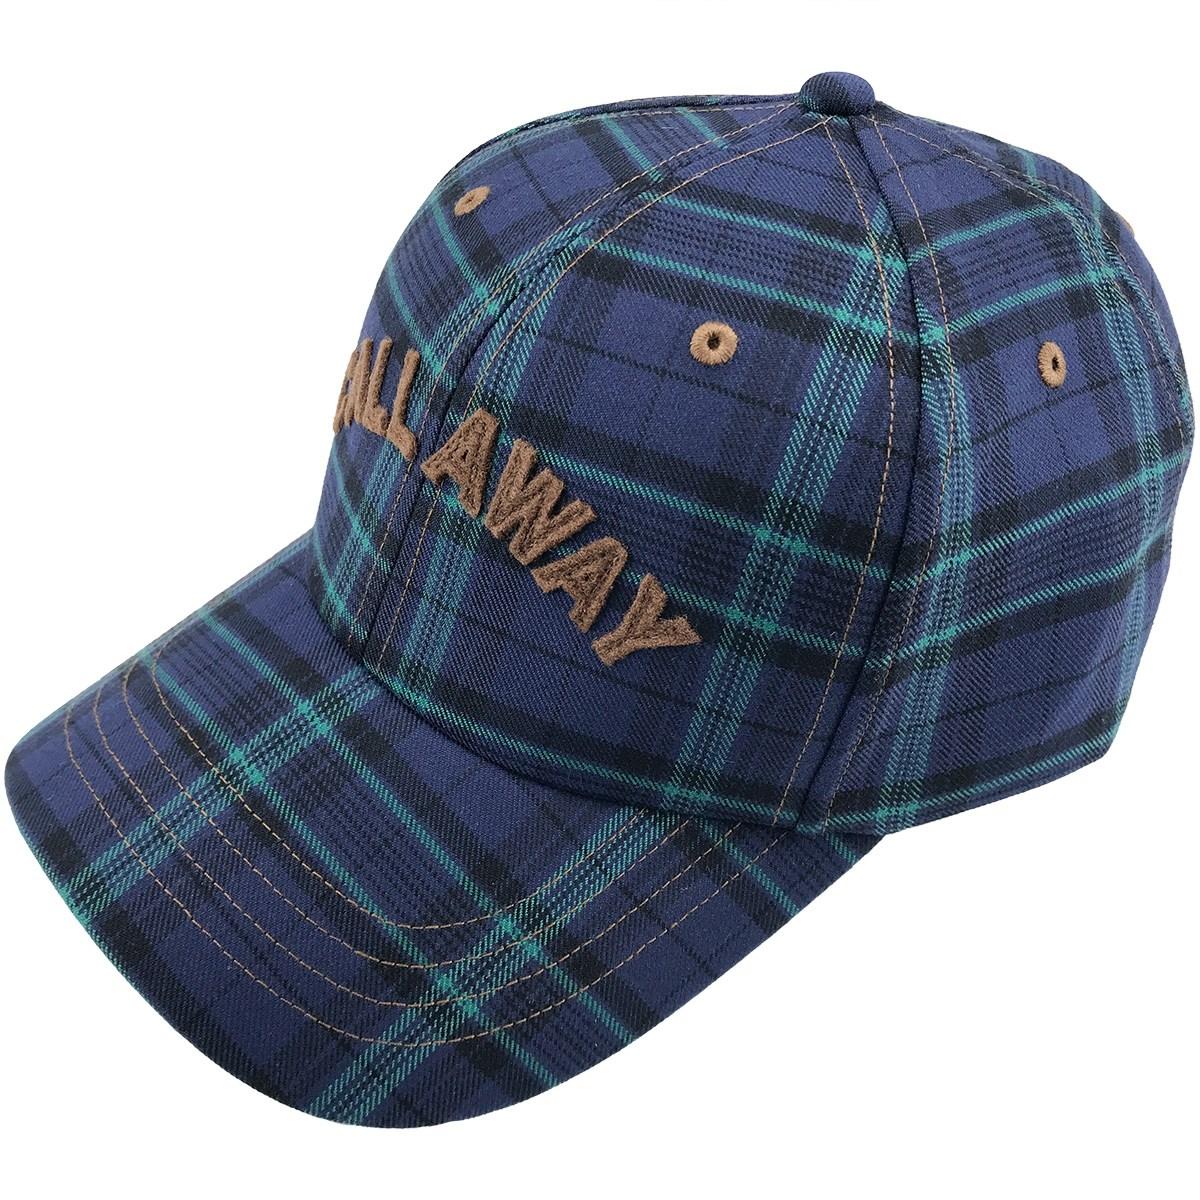 キャロウェイゴルフ Callaway Golf チェックキャップ フリー ネイビー 120